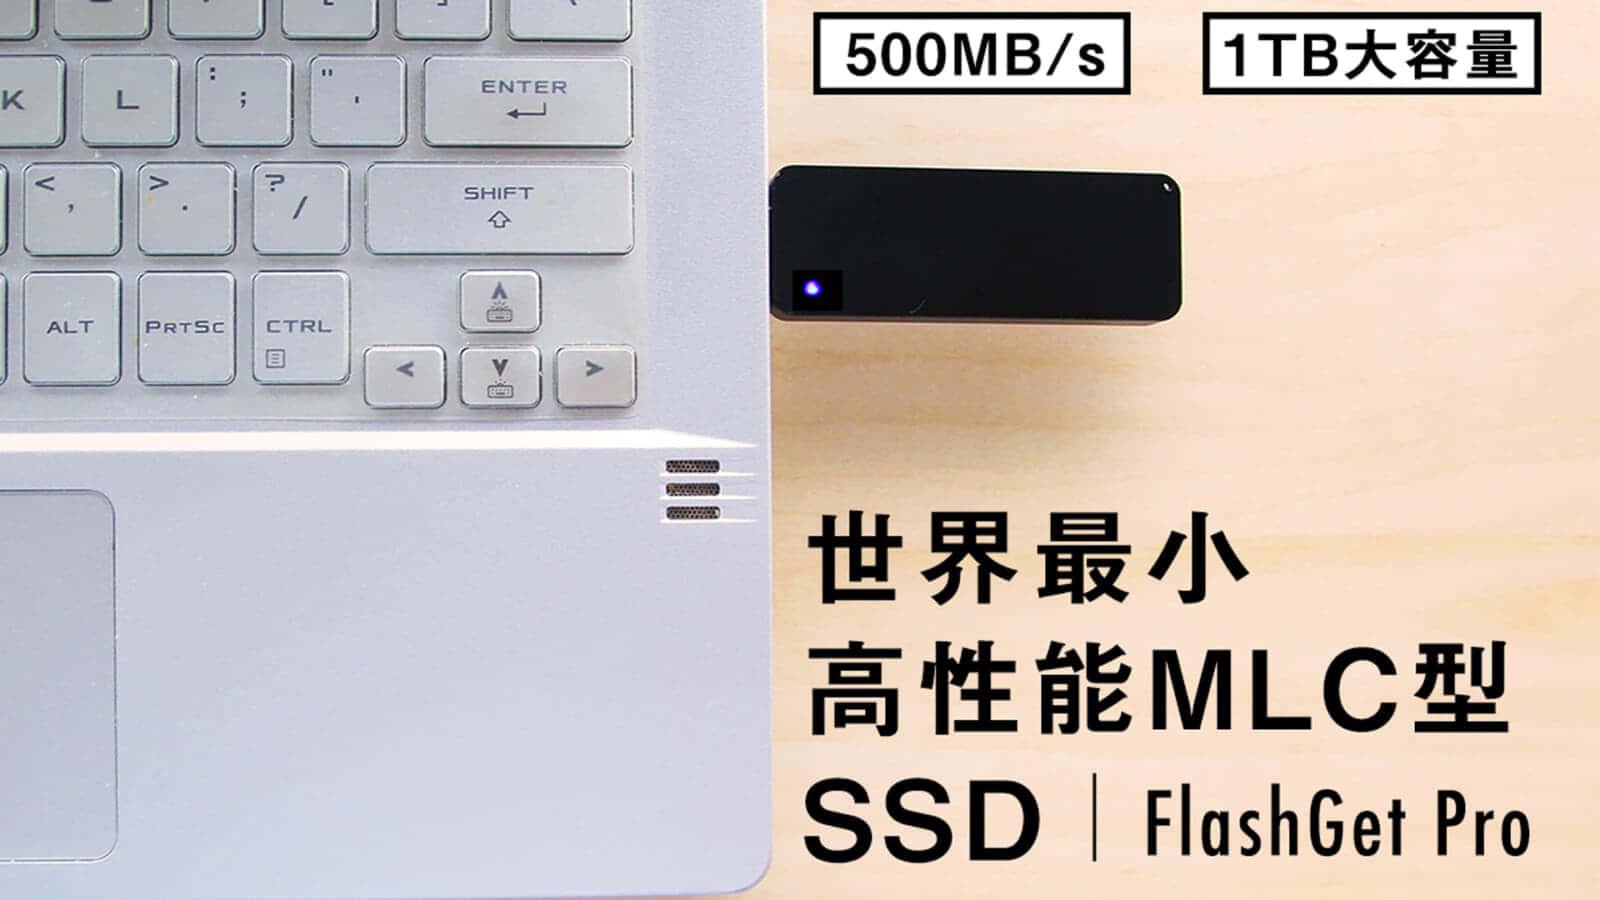 FlashGetレビュー、超軽量ポケットサイズのMLC型ポータブルSSD